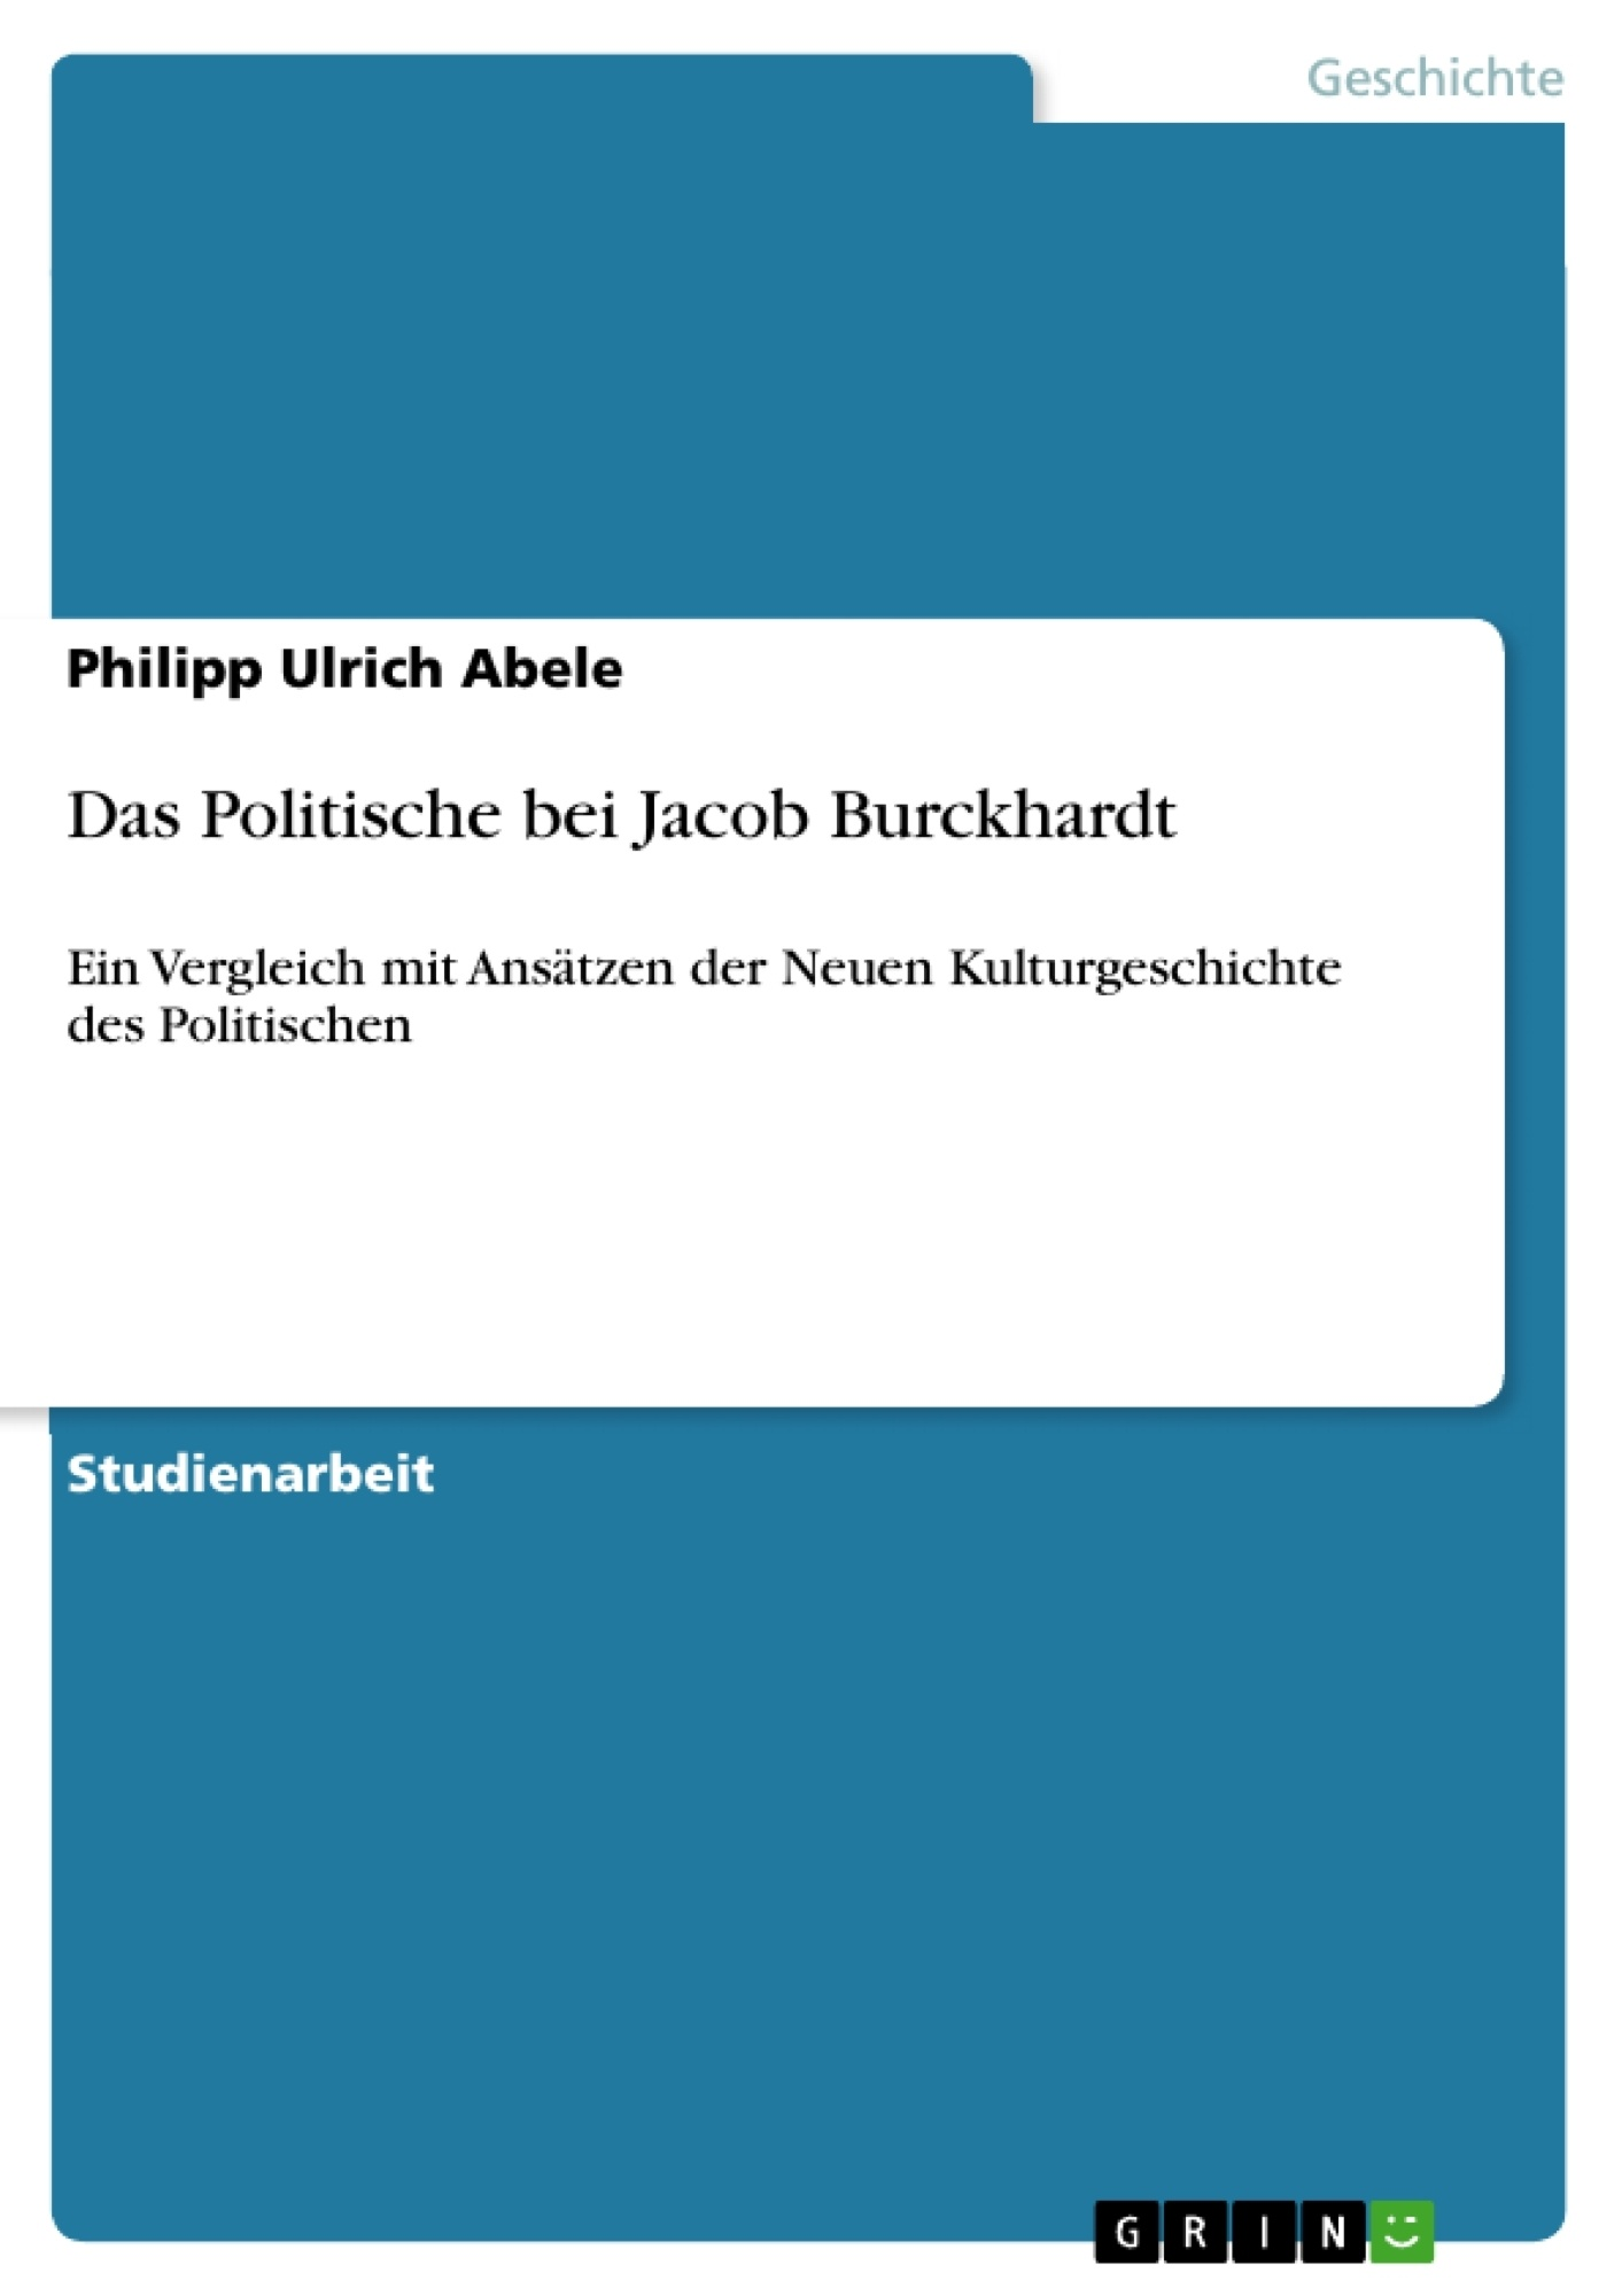 Titel: Das Politische bei Jacob Burckhardt